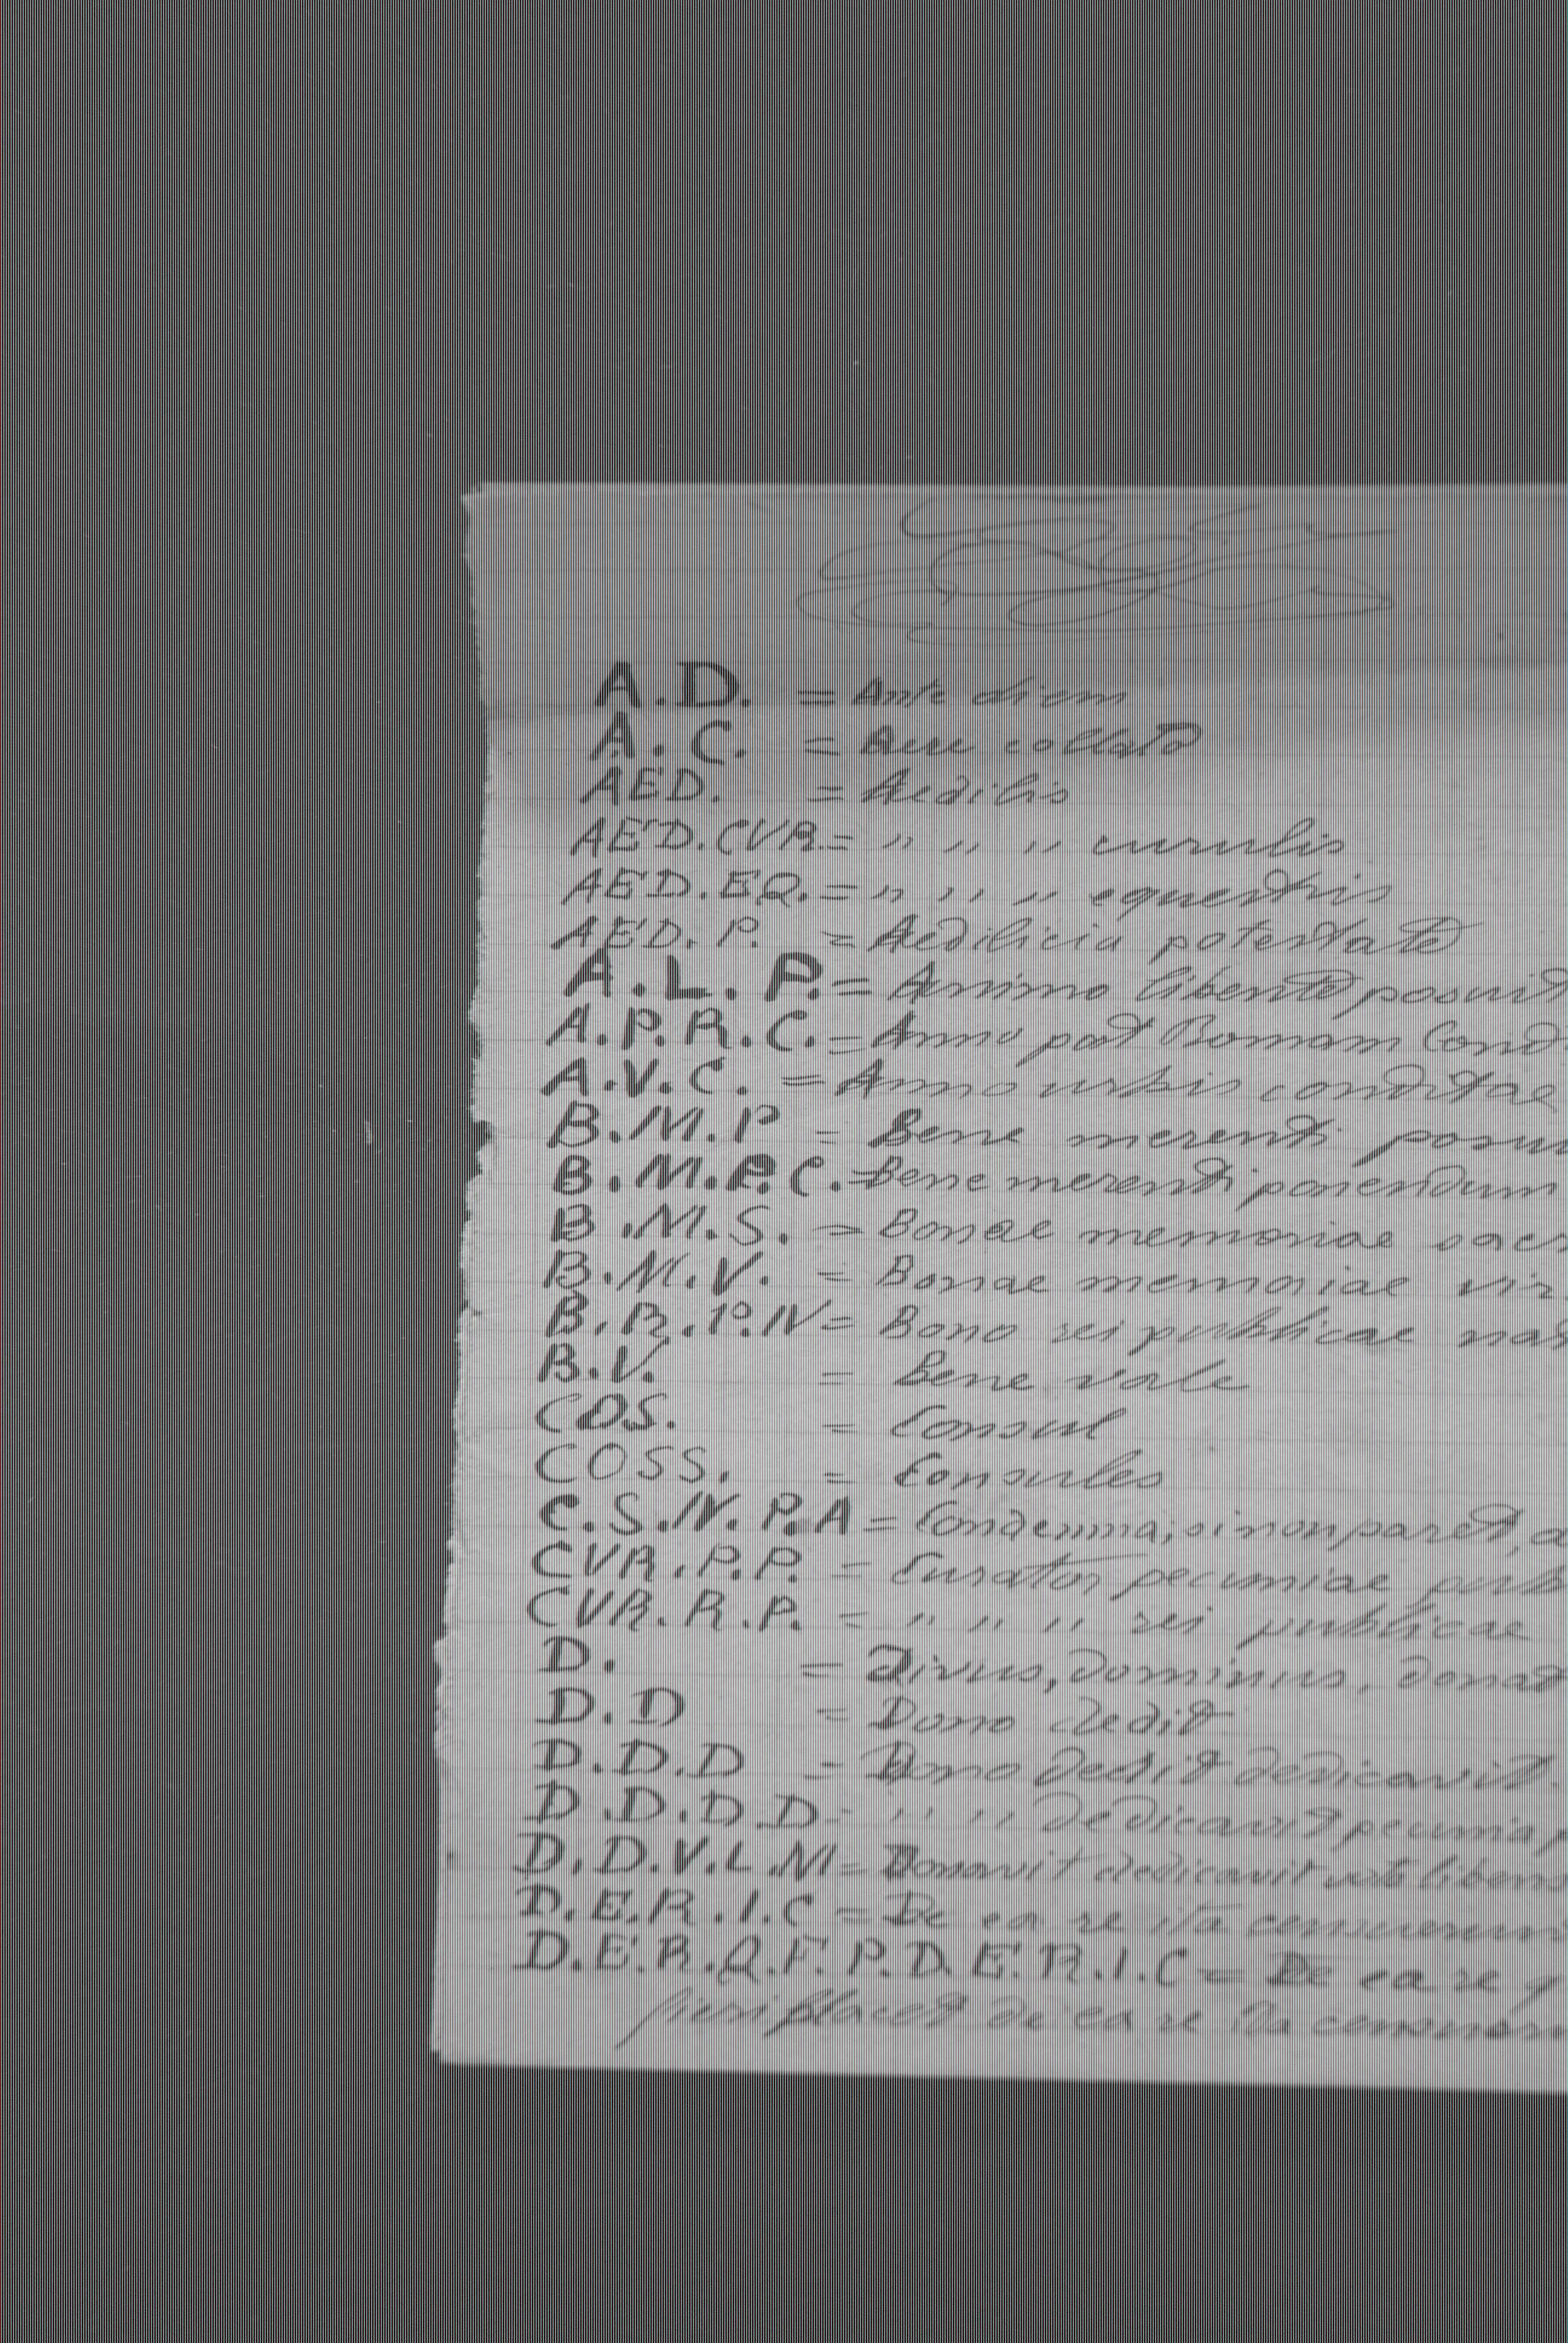 Il Calendario Romano.Appunti Sulle Abbreviazioni Latine E Il Calendario Romano